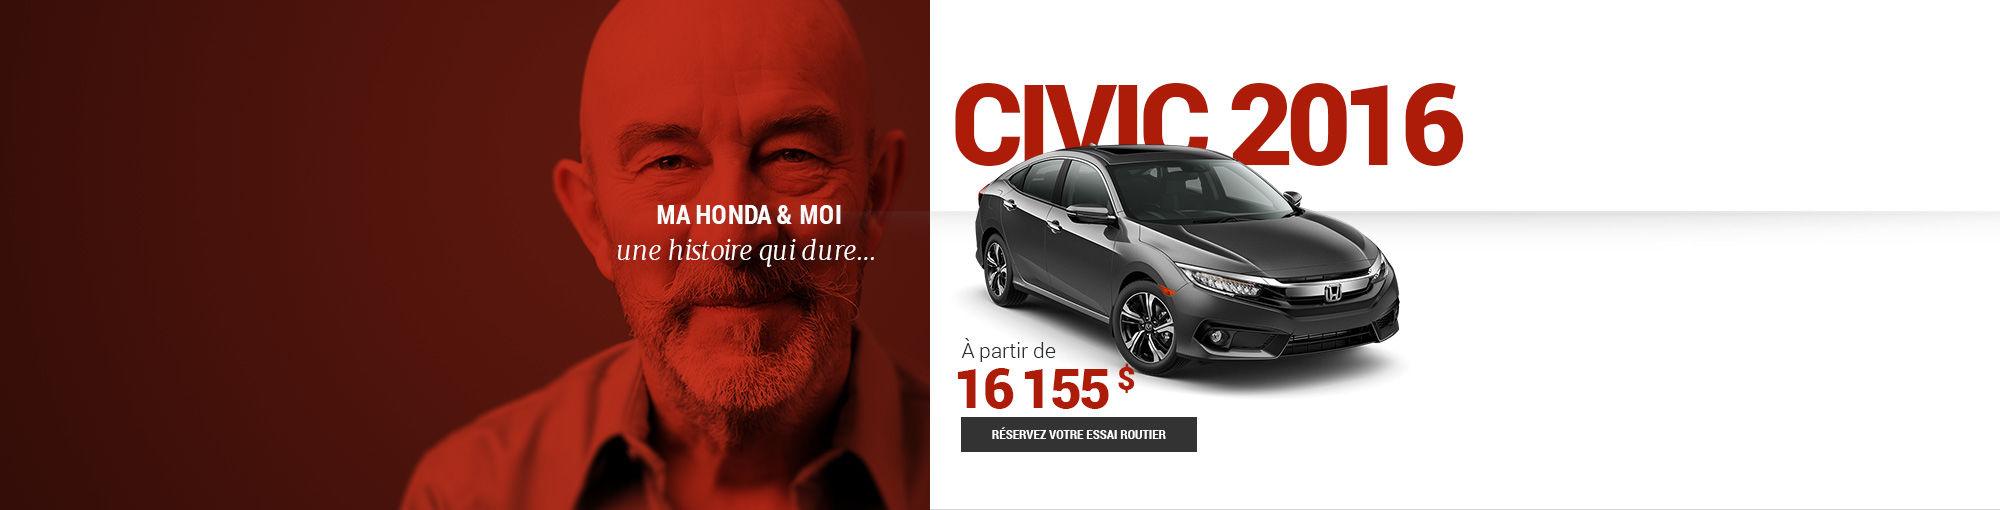 Civic 2016 - DÉBUT MOIS